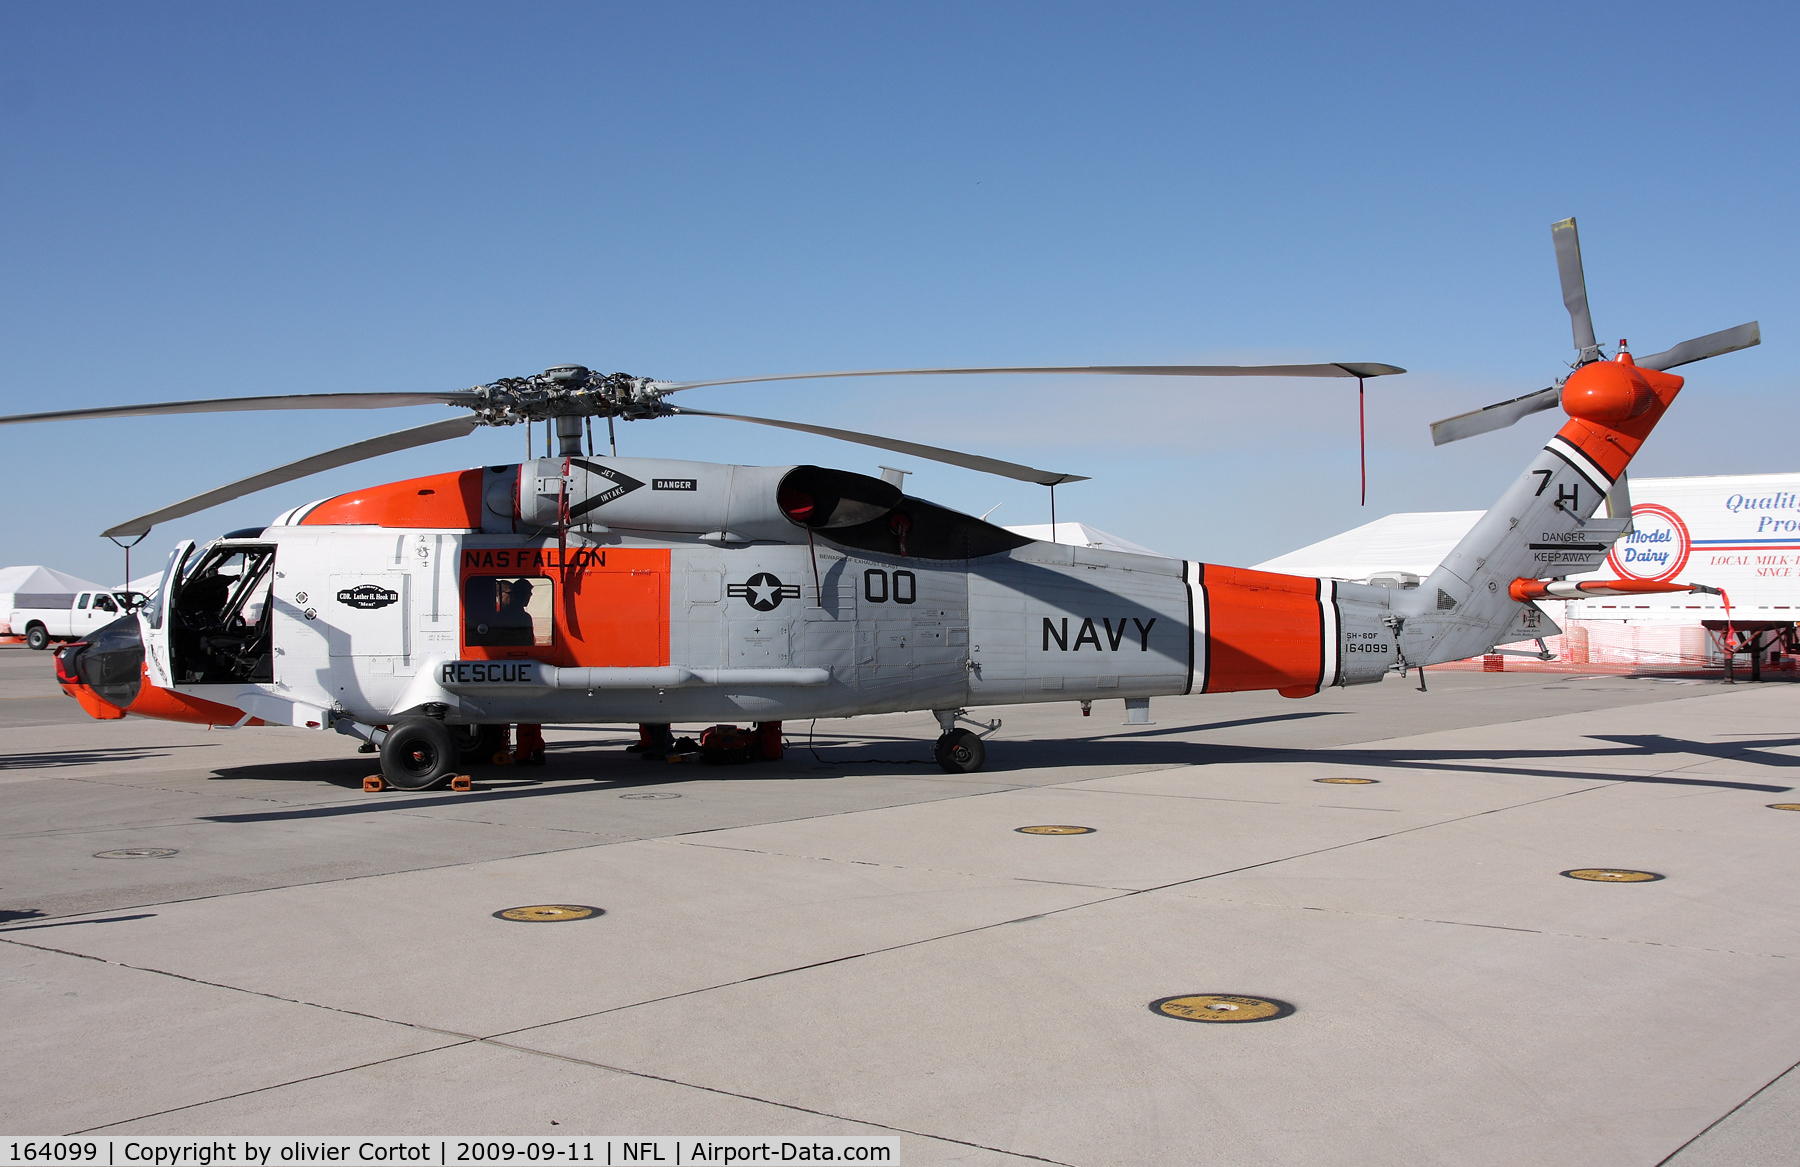 164099, Sikorsky SH-60F Ocean Hawk C/N 70.1578, Fallon airshow 2009